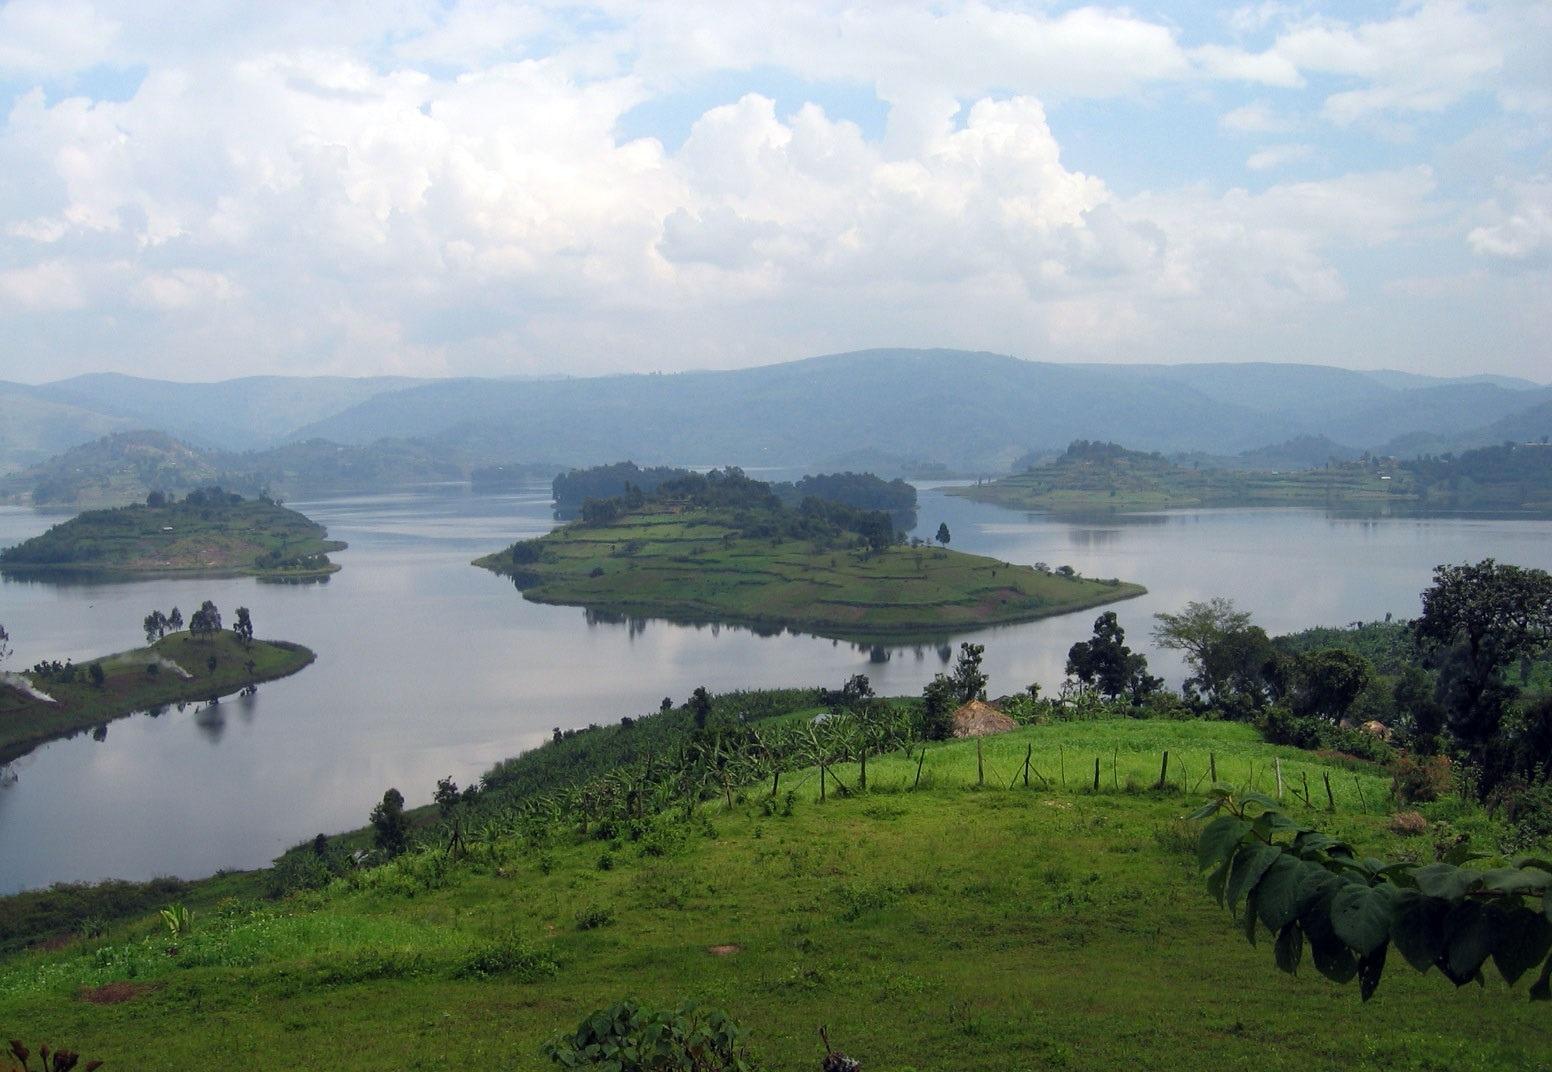 lakeBunyonyi -Uganda